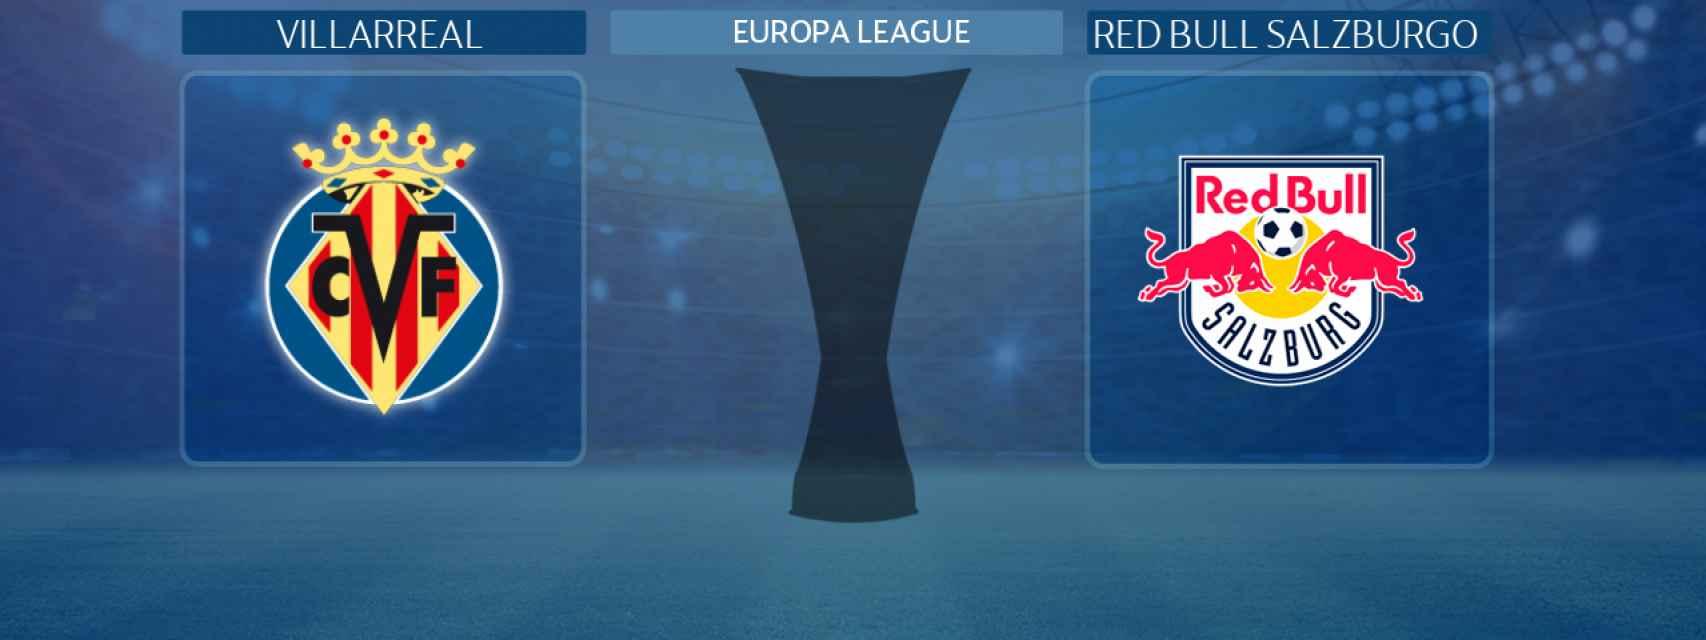 Villarreal - Red Bull Salzburgo, partido de la Europa League